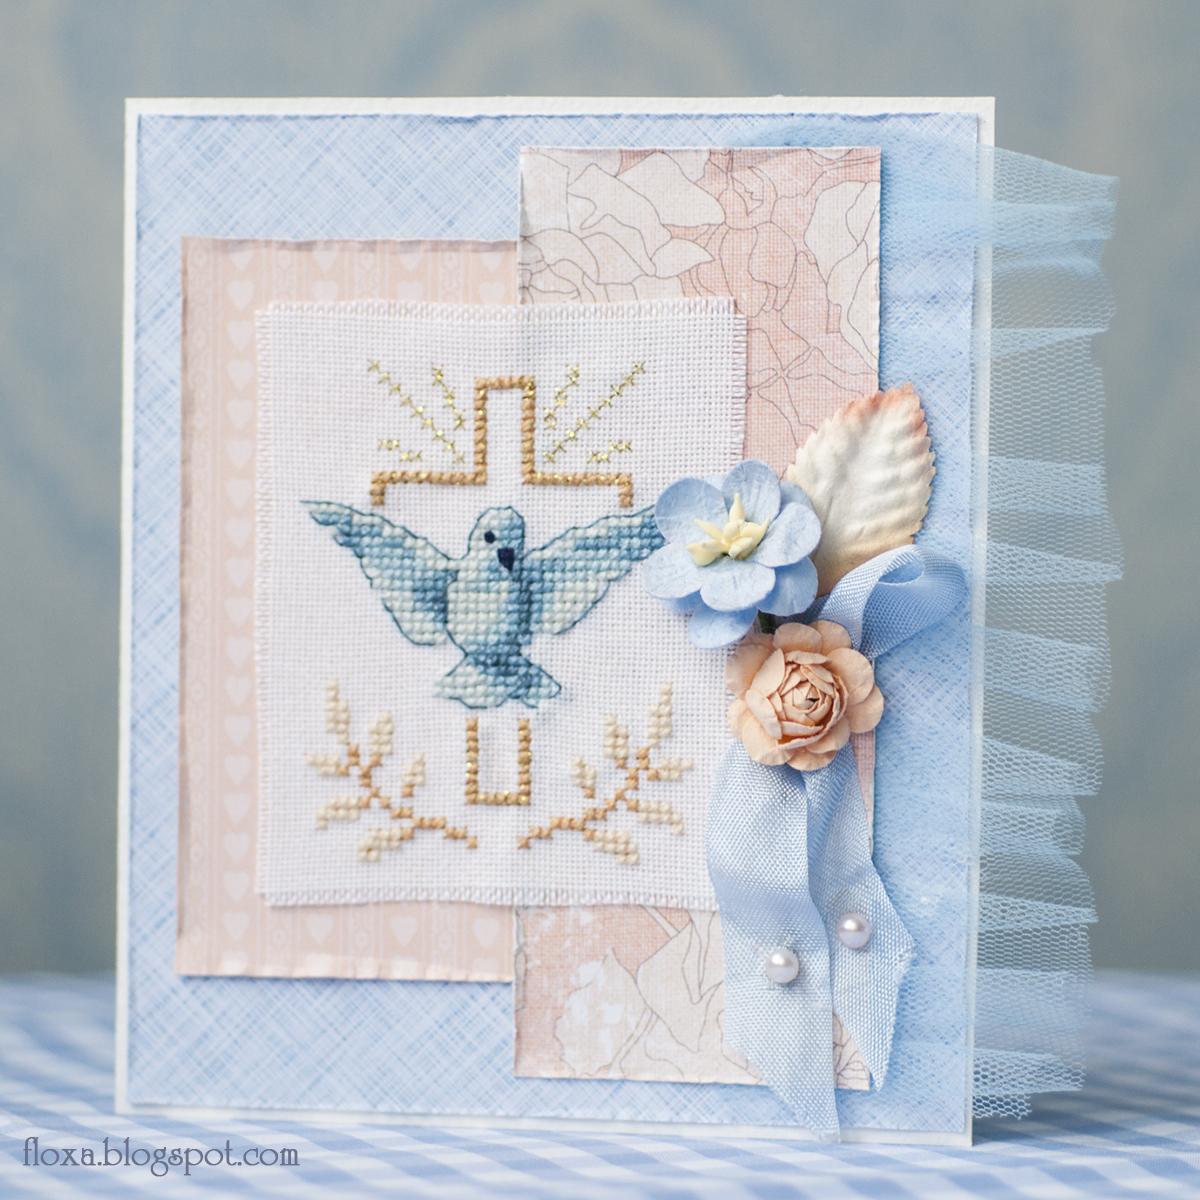 Крестины, крещение: открытки, конвертики, коробочки и прочее 97